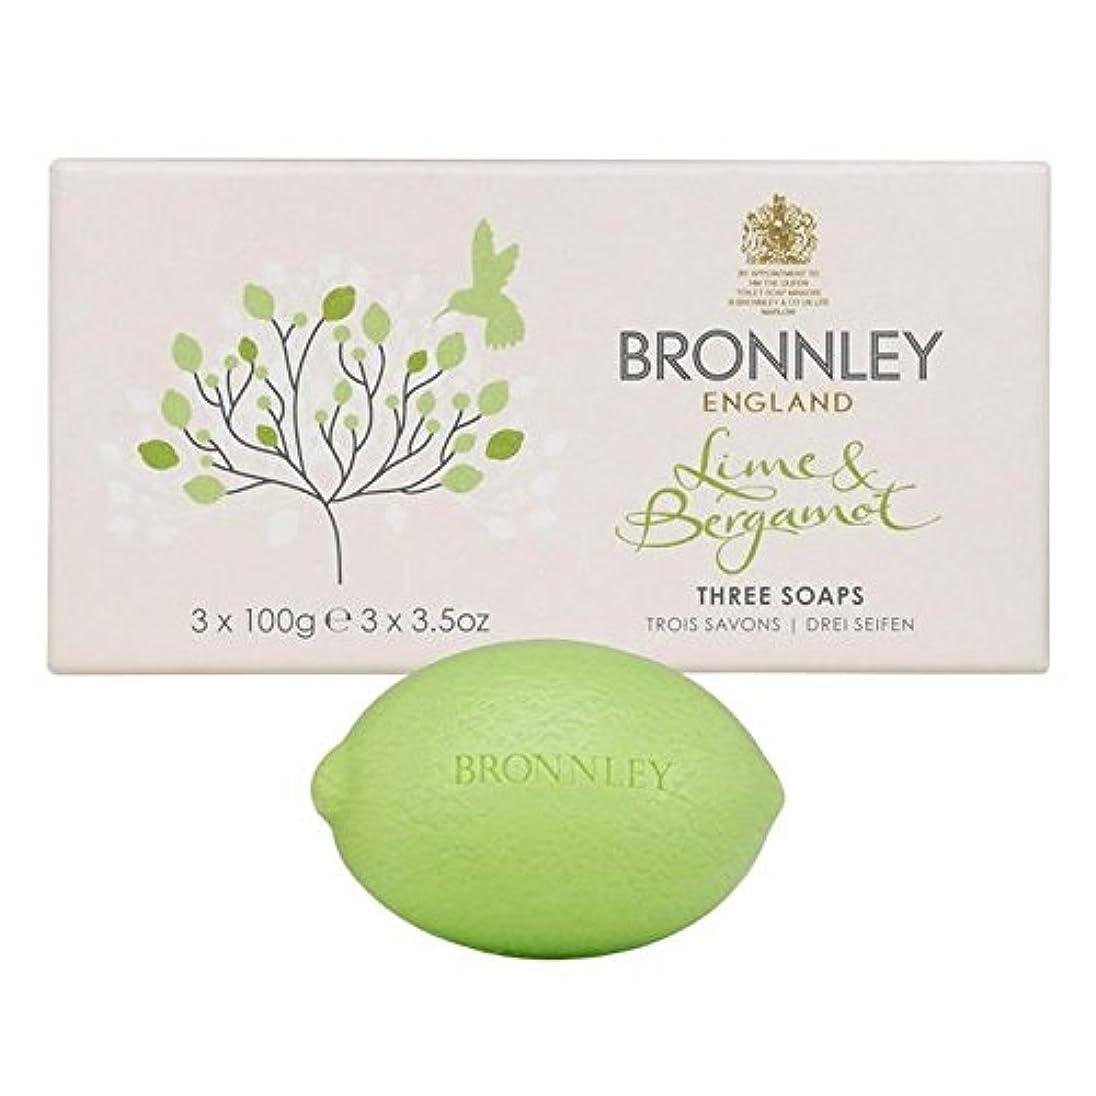 不合格続編施しライム&ベルガモット石鹸3×100グラム x4 - Bronnley Lime & Bergamot Soap 3 x 100g (Pack of 4) [並行輸入品]